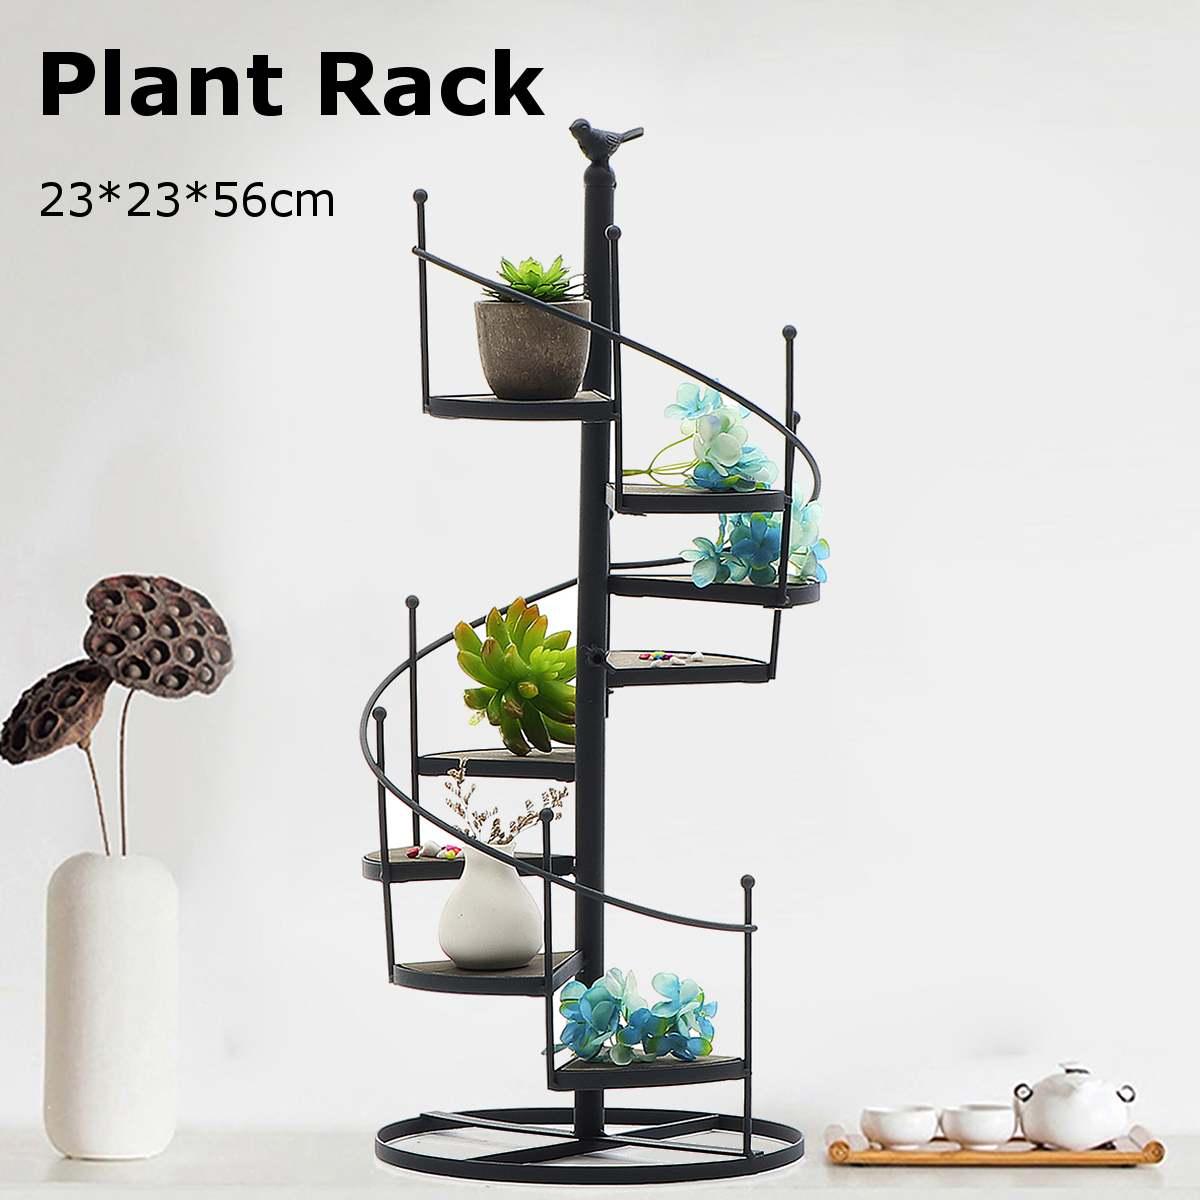 Современная декоративная железная стойка для растений, суккулентная полка для растений, 8-слойная настольная подставка для садовых цветов +...